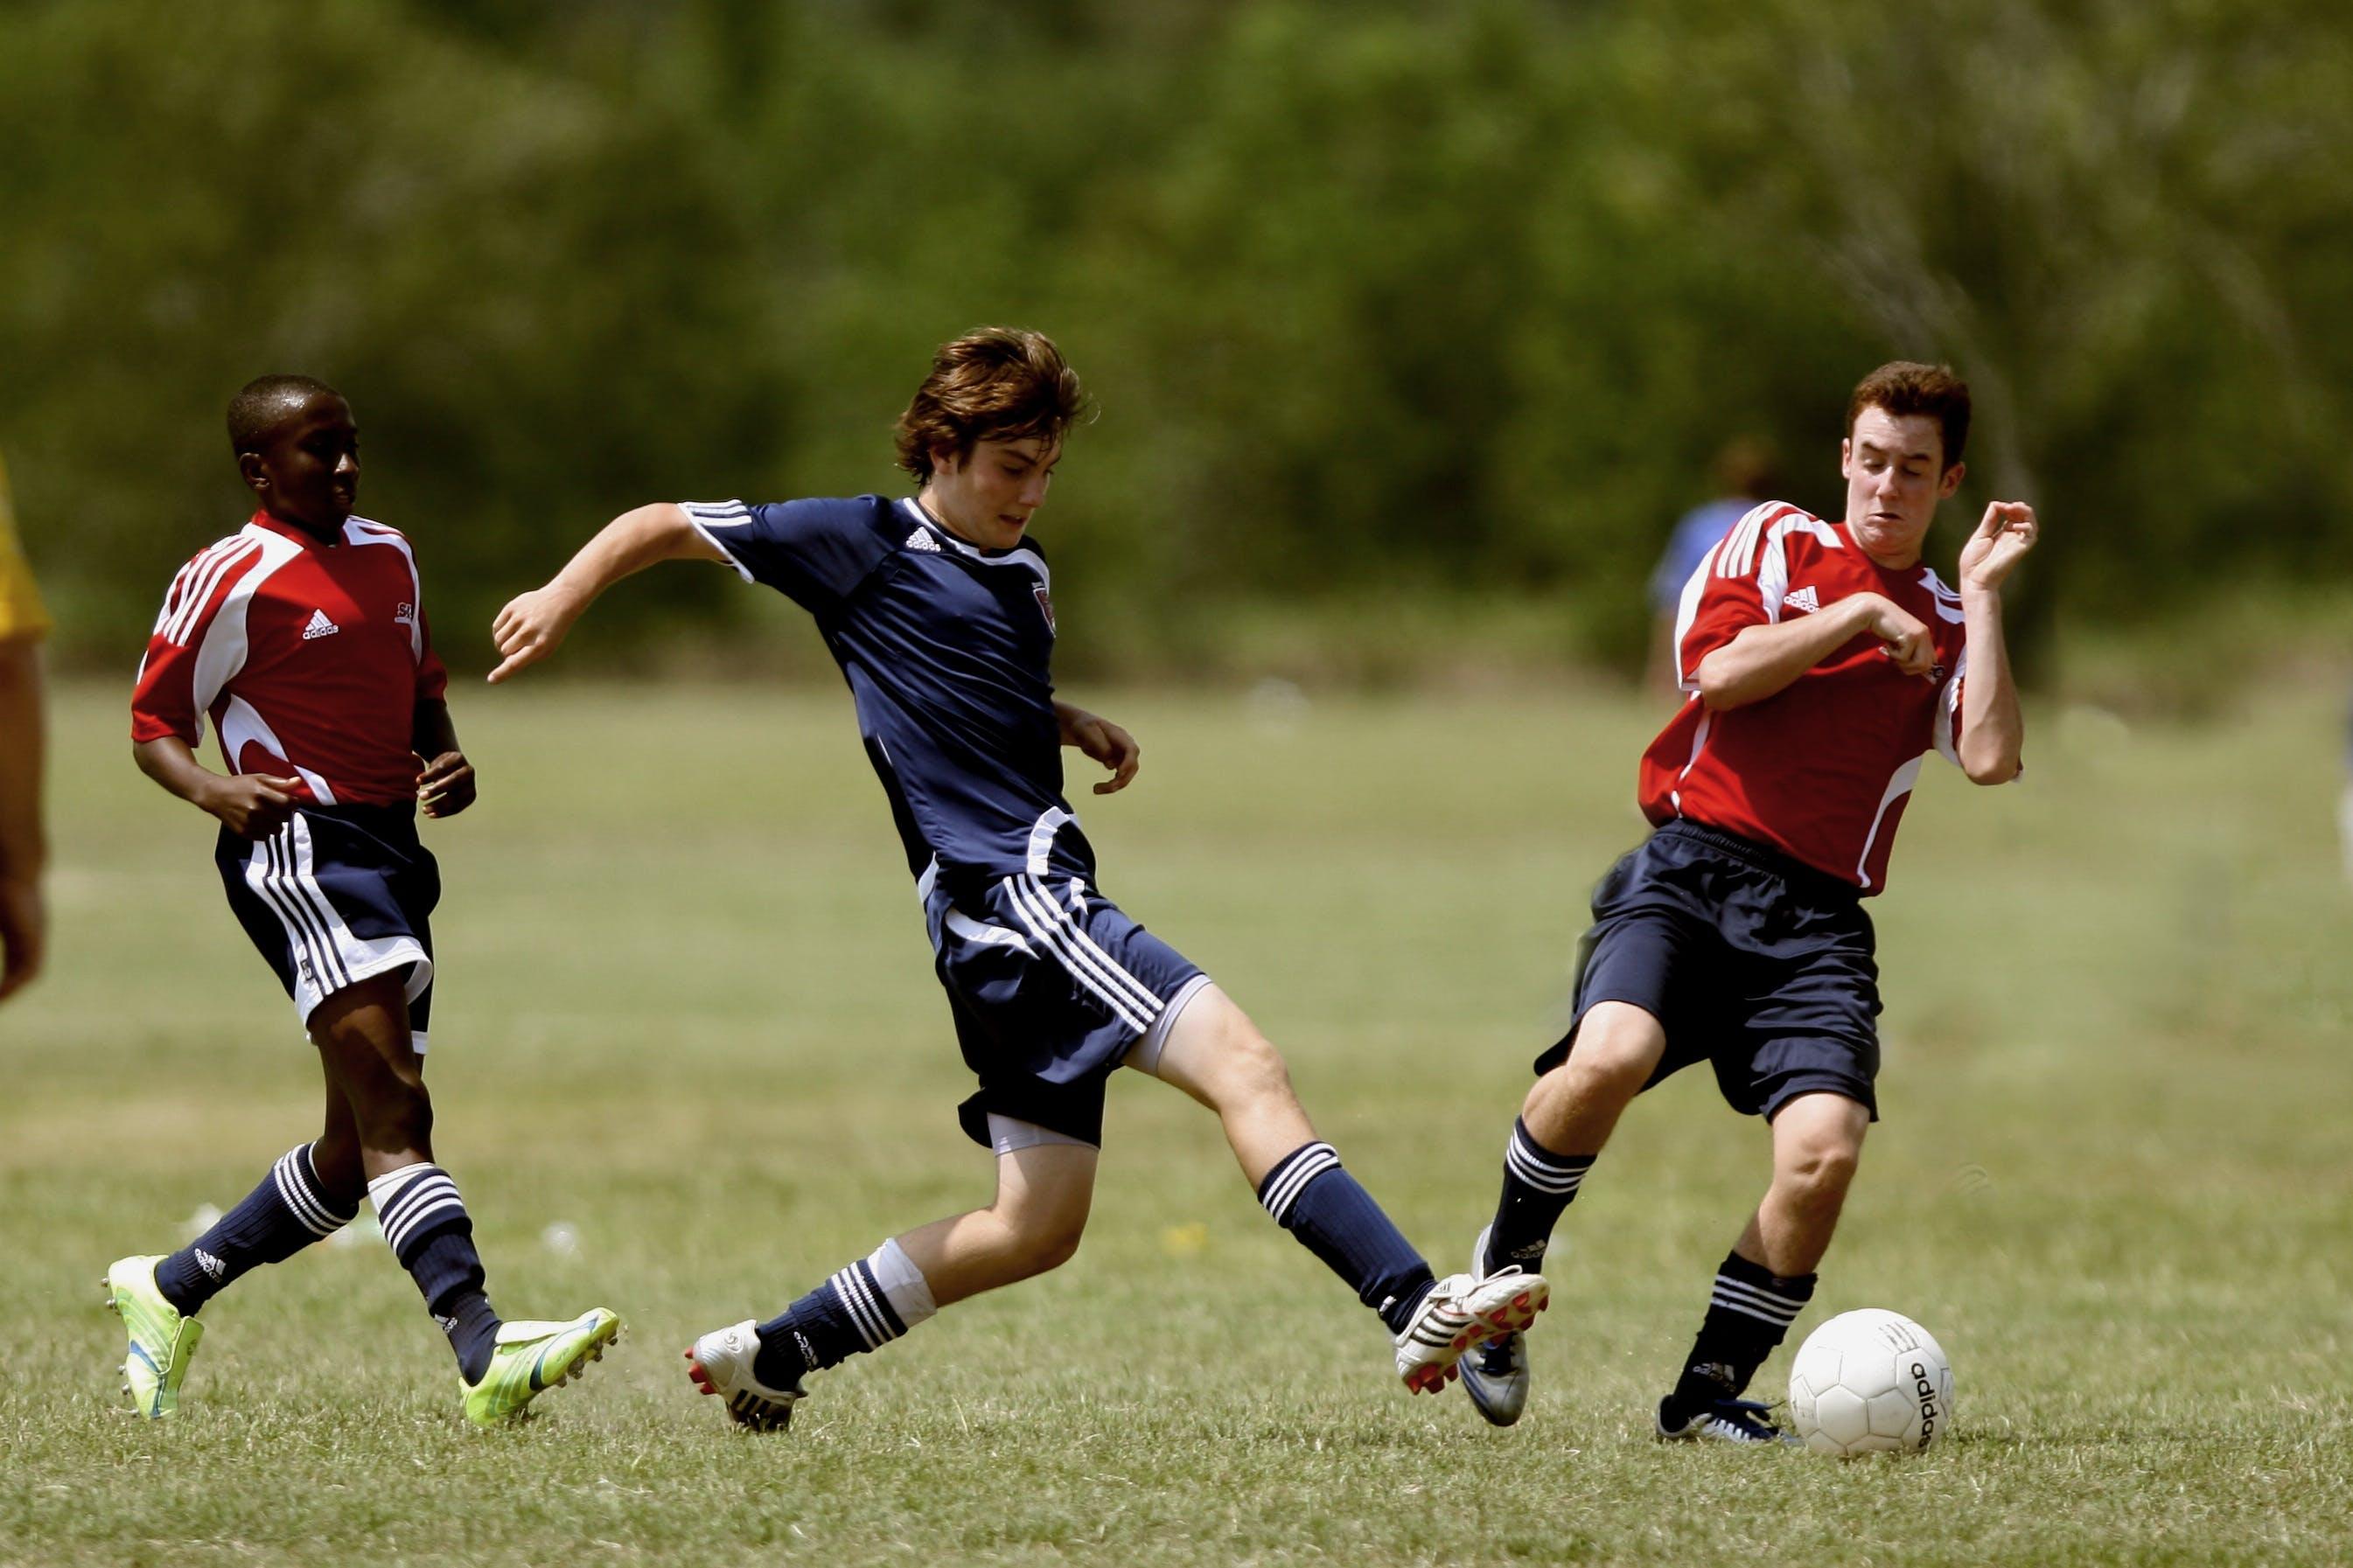 Kostenloses Stock Foto zu action, athleten, ball, bewegung